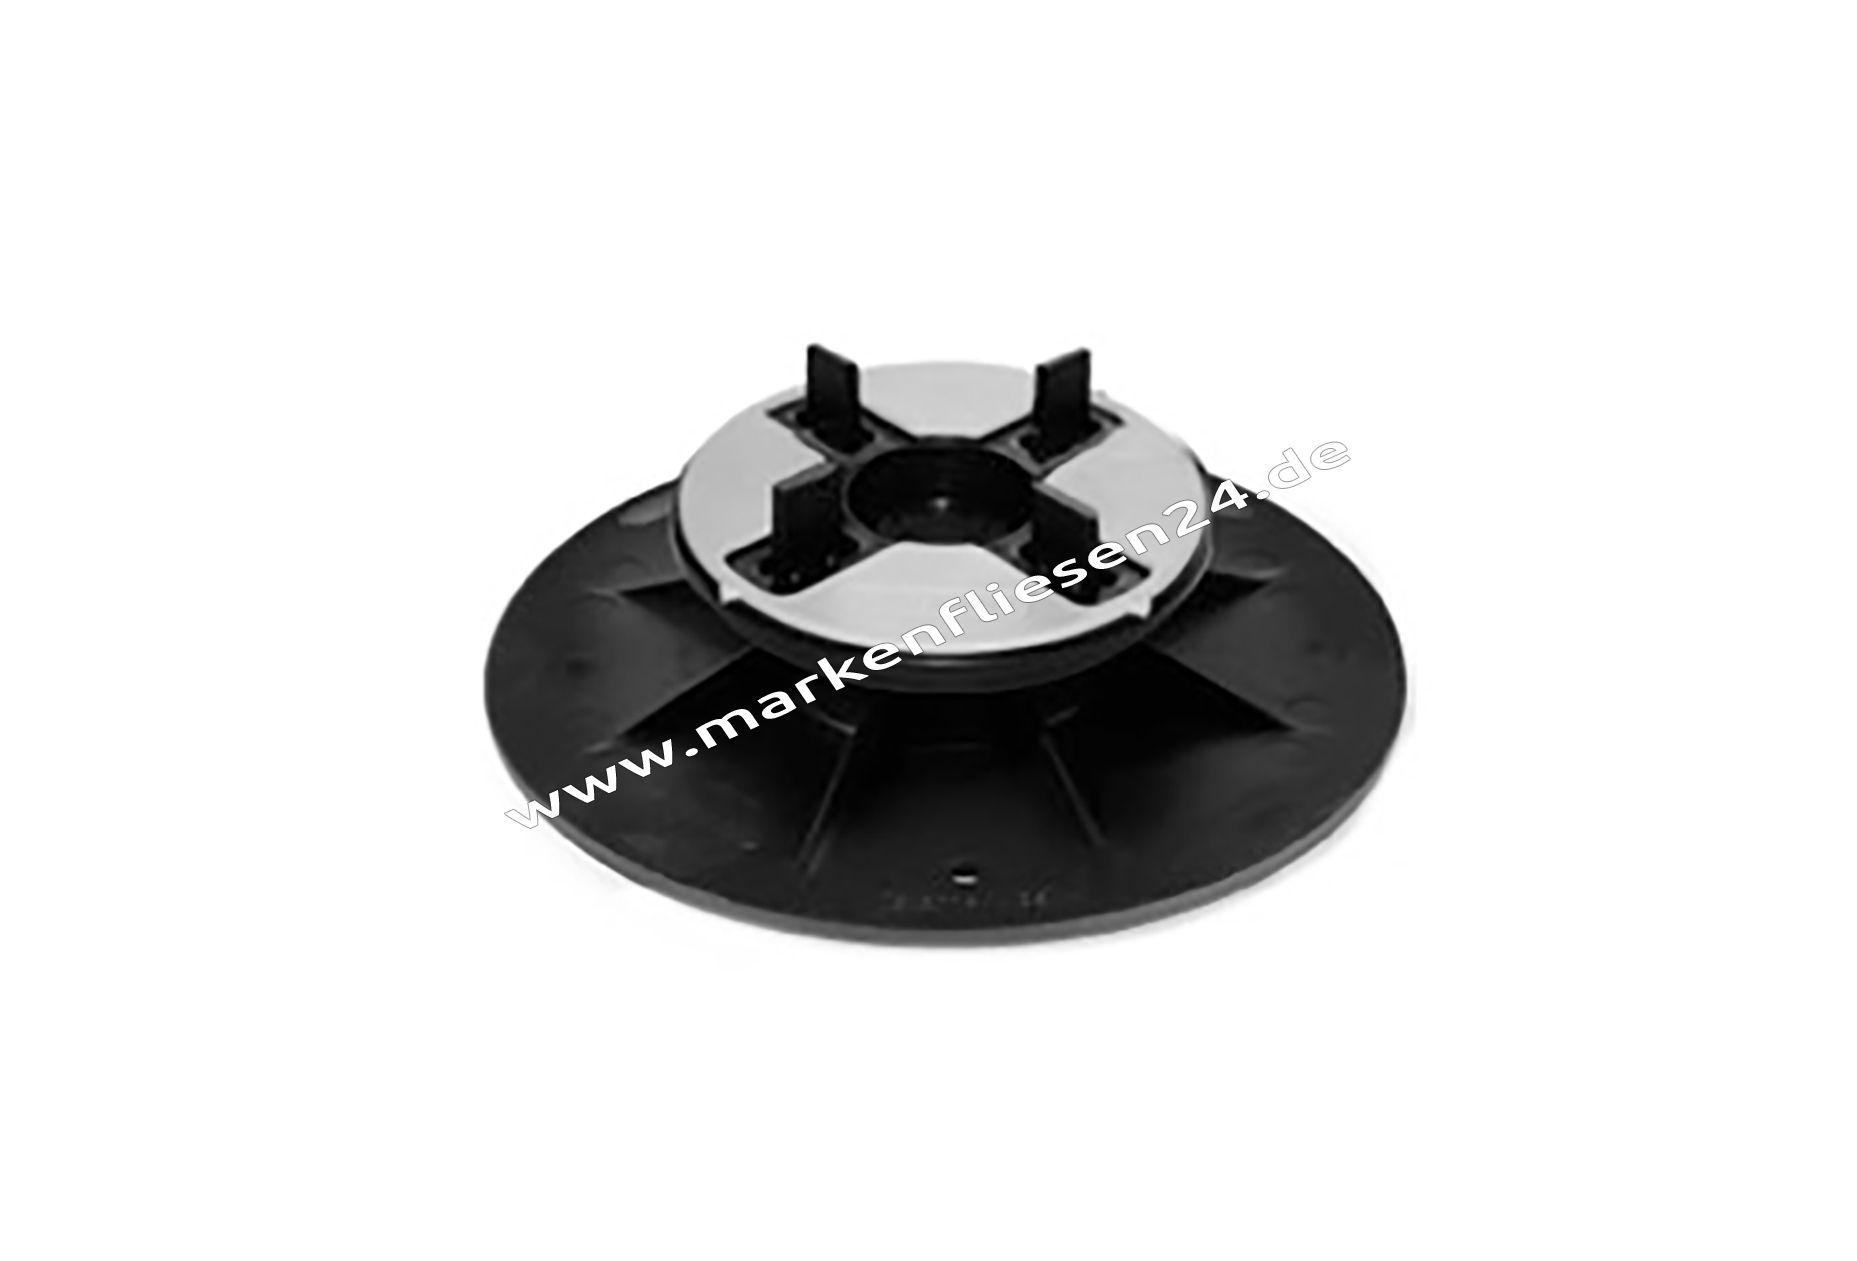 Eterno ivica profi stelzlager se0 28 38 mm h henverstellbar selbstnivellierbar fliesen outlet - Zementfliesen outlet ...